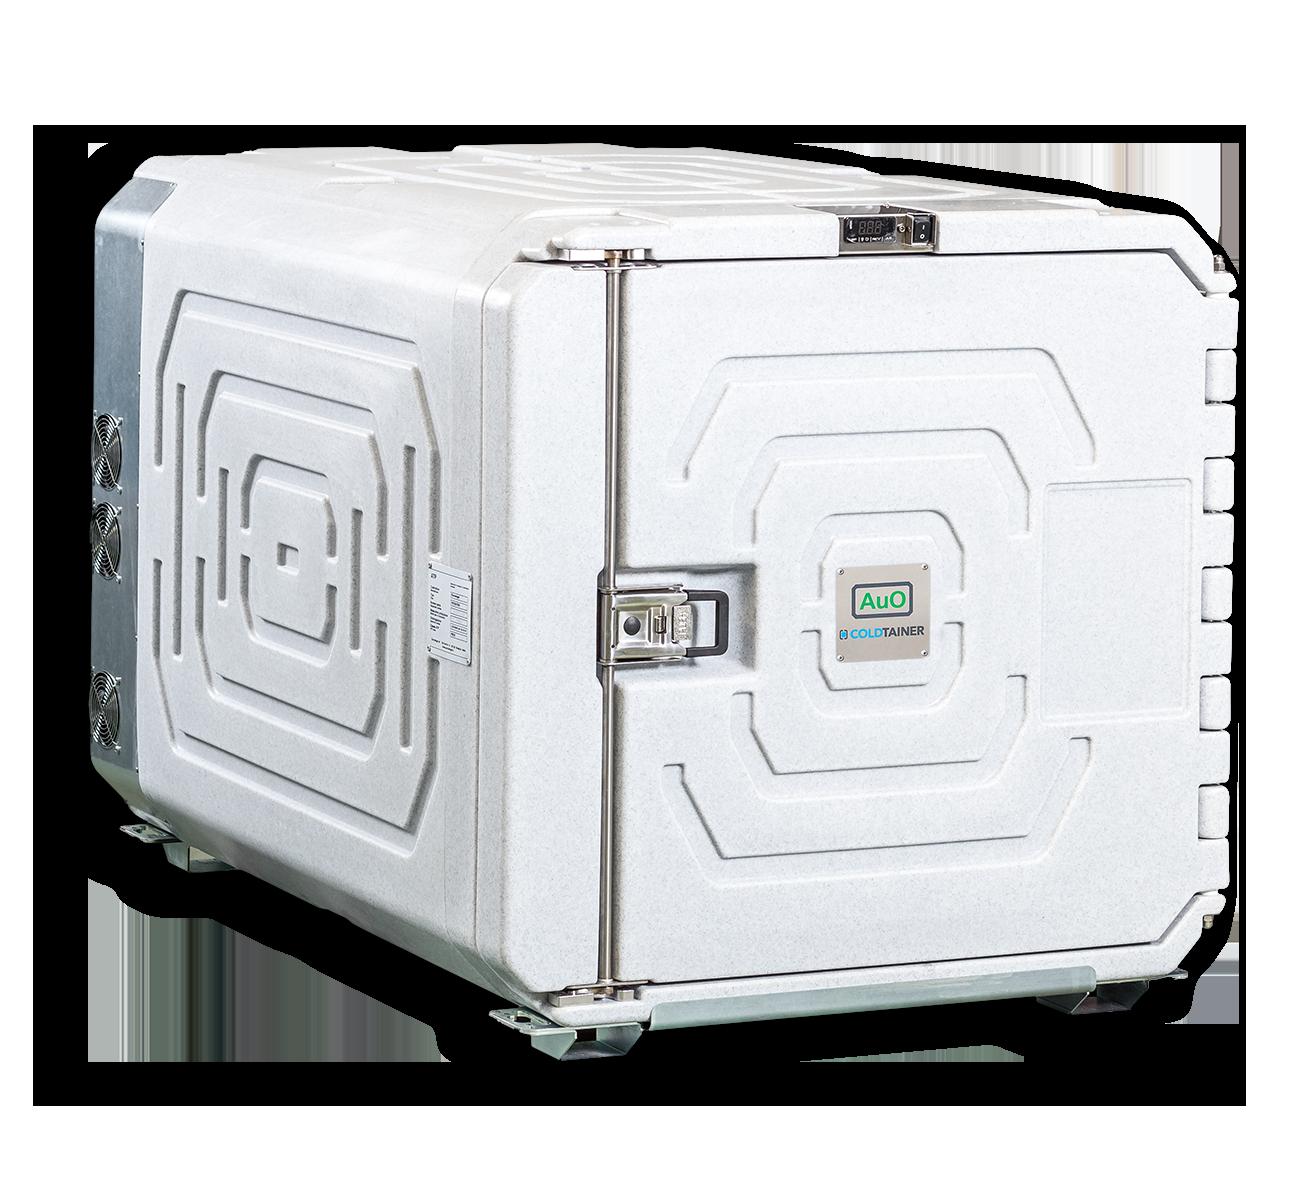 Contenitore isotermico refrigerato da %%ct_capacita%%itri autonomo